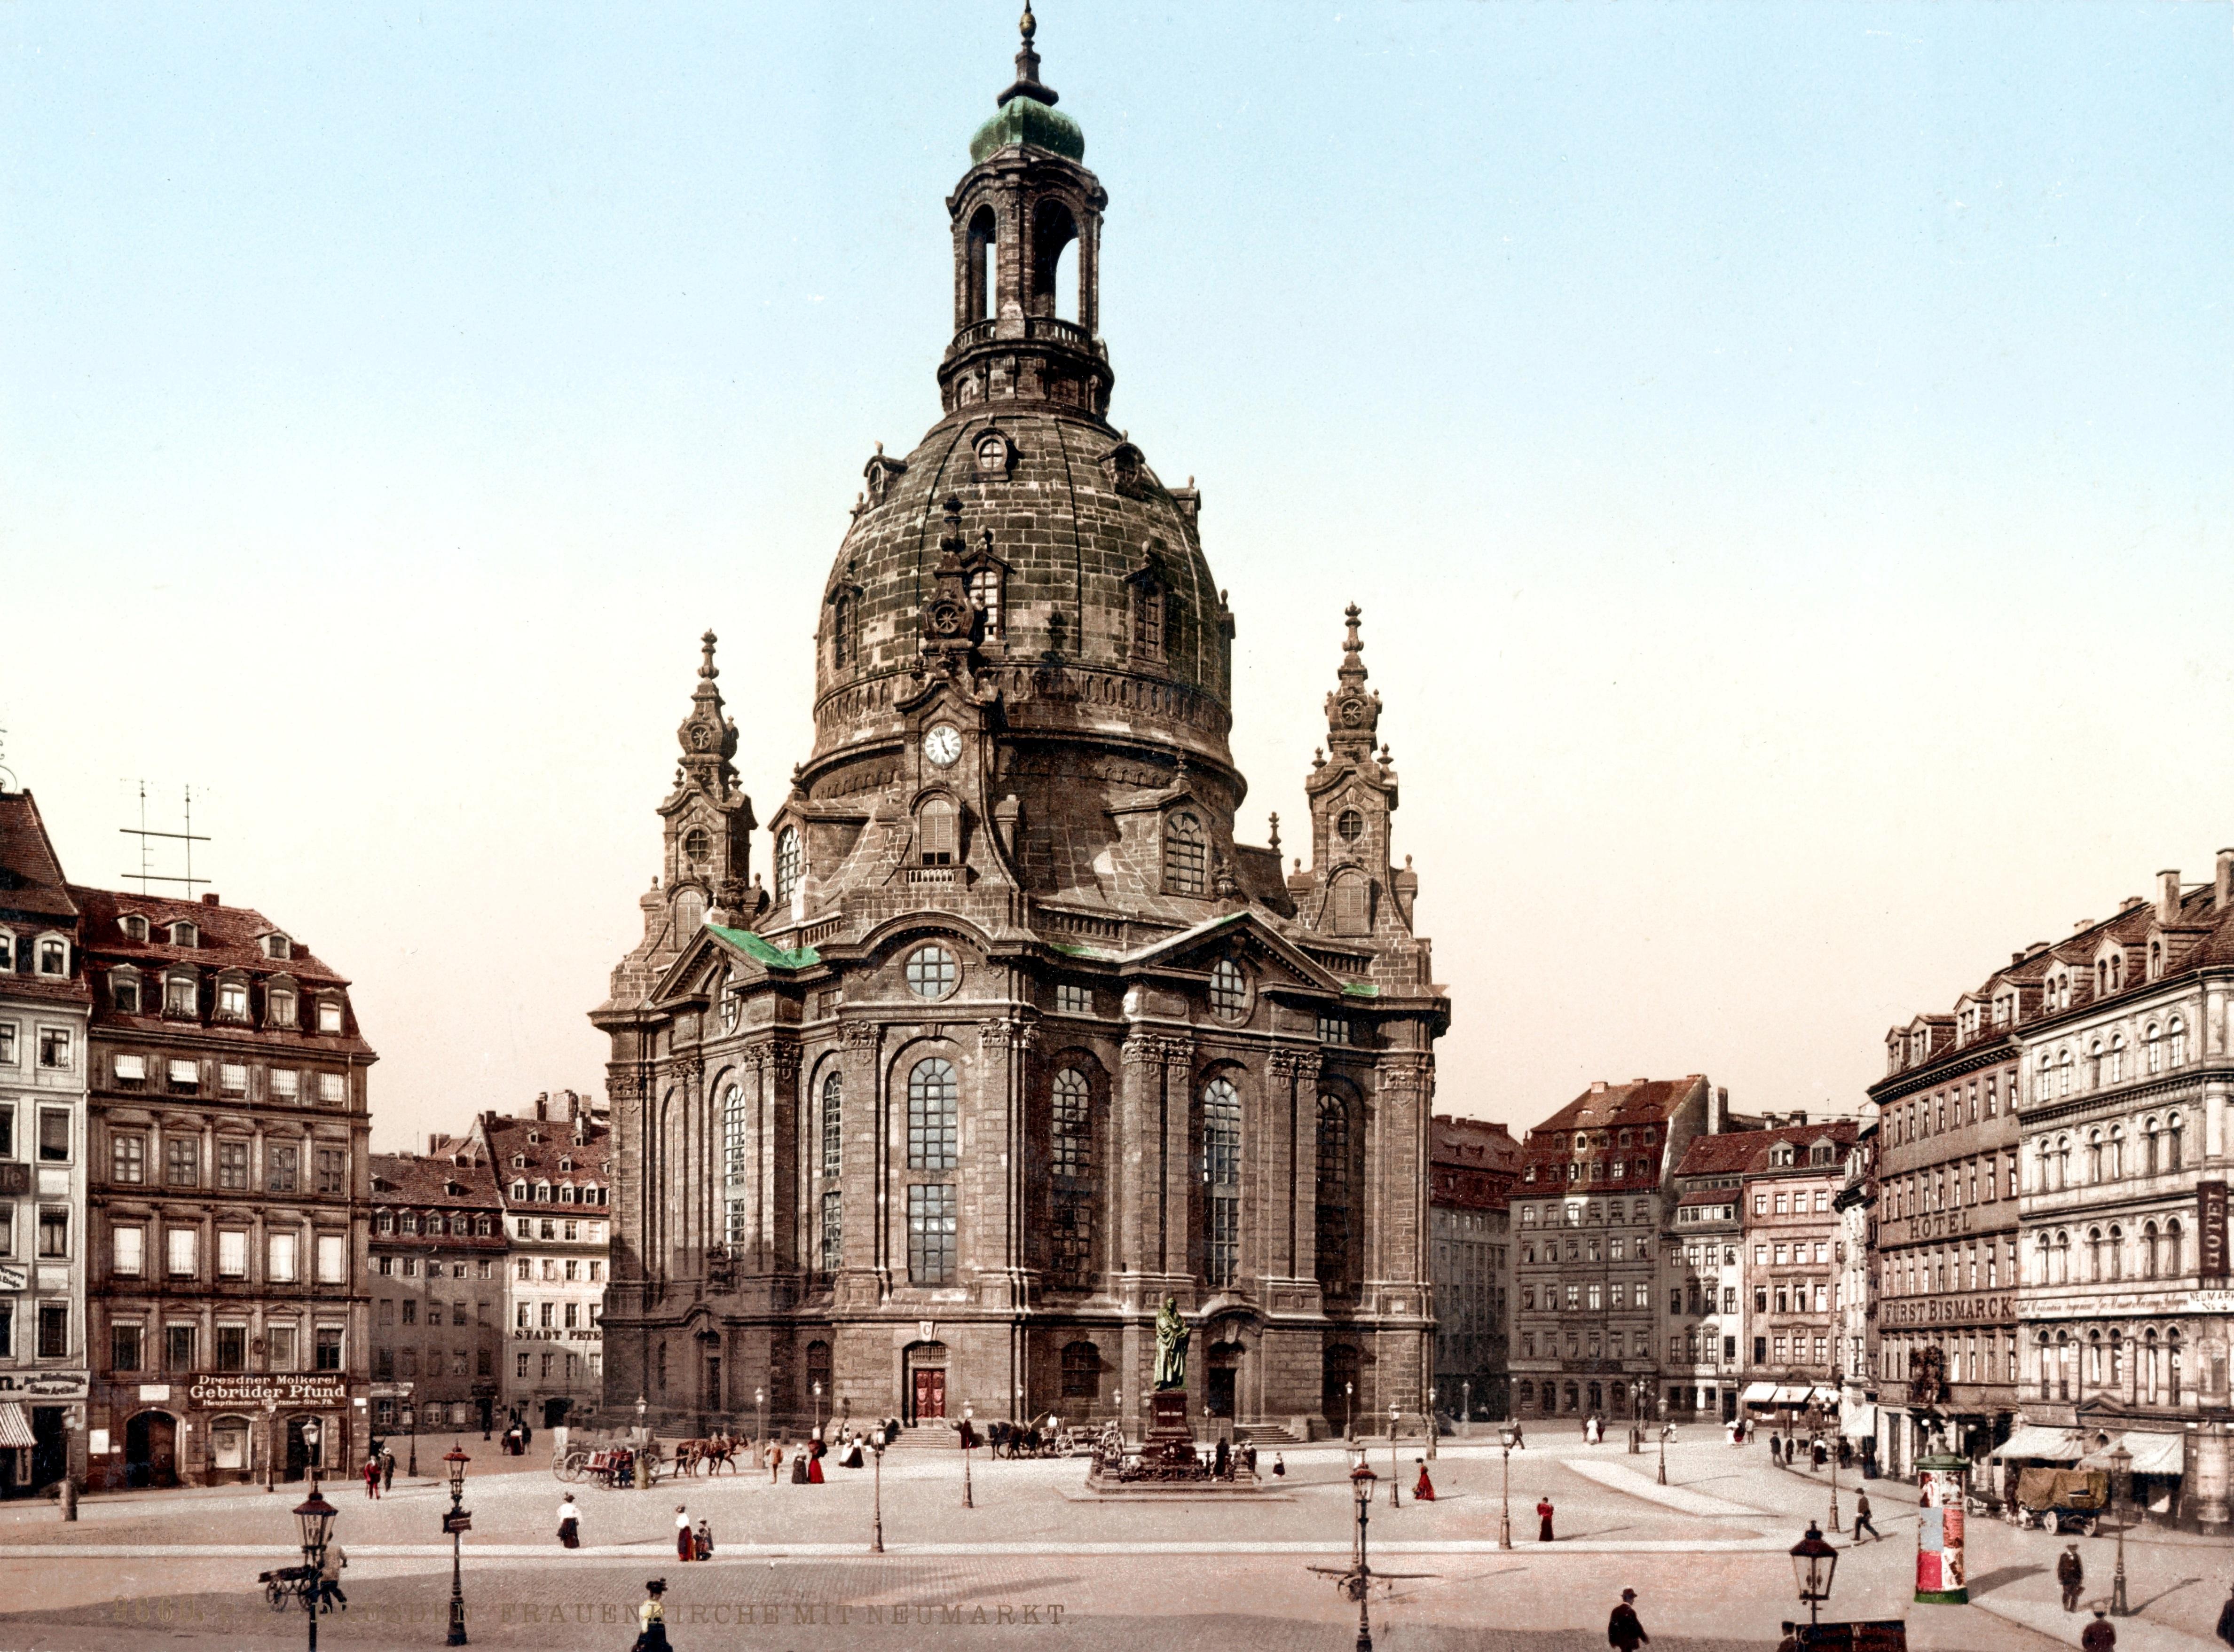 Dresden._Frauenkirche_mit_Neumarkt_LOC_ppmsca.52545.jpg